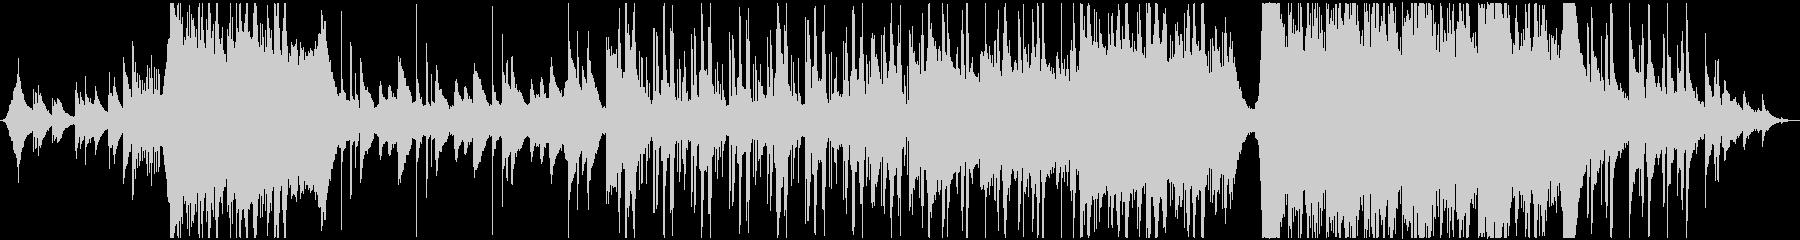 切ないJ-POPのミドルバラードの未再生の波形